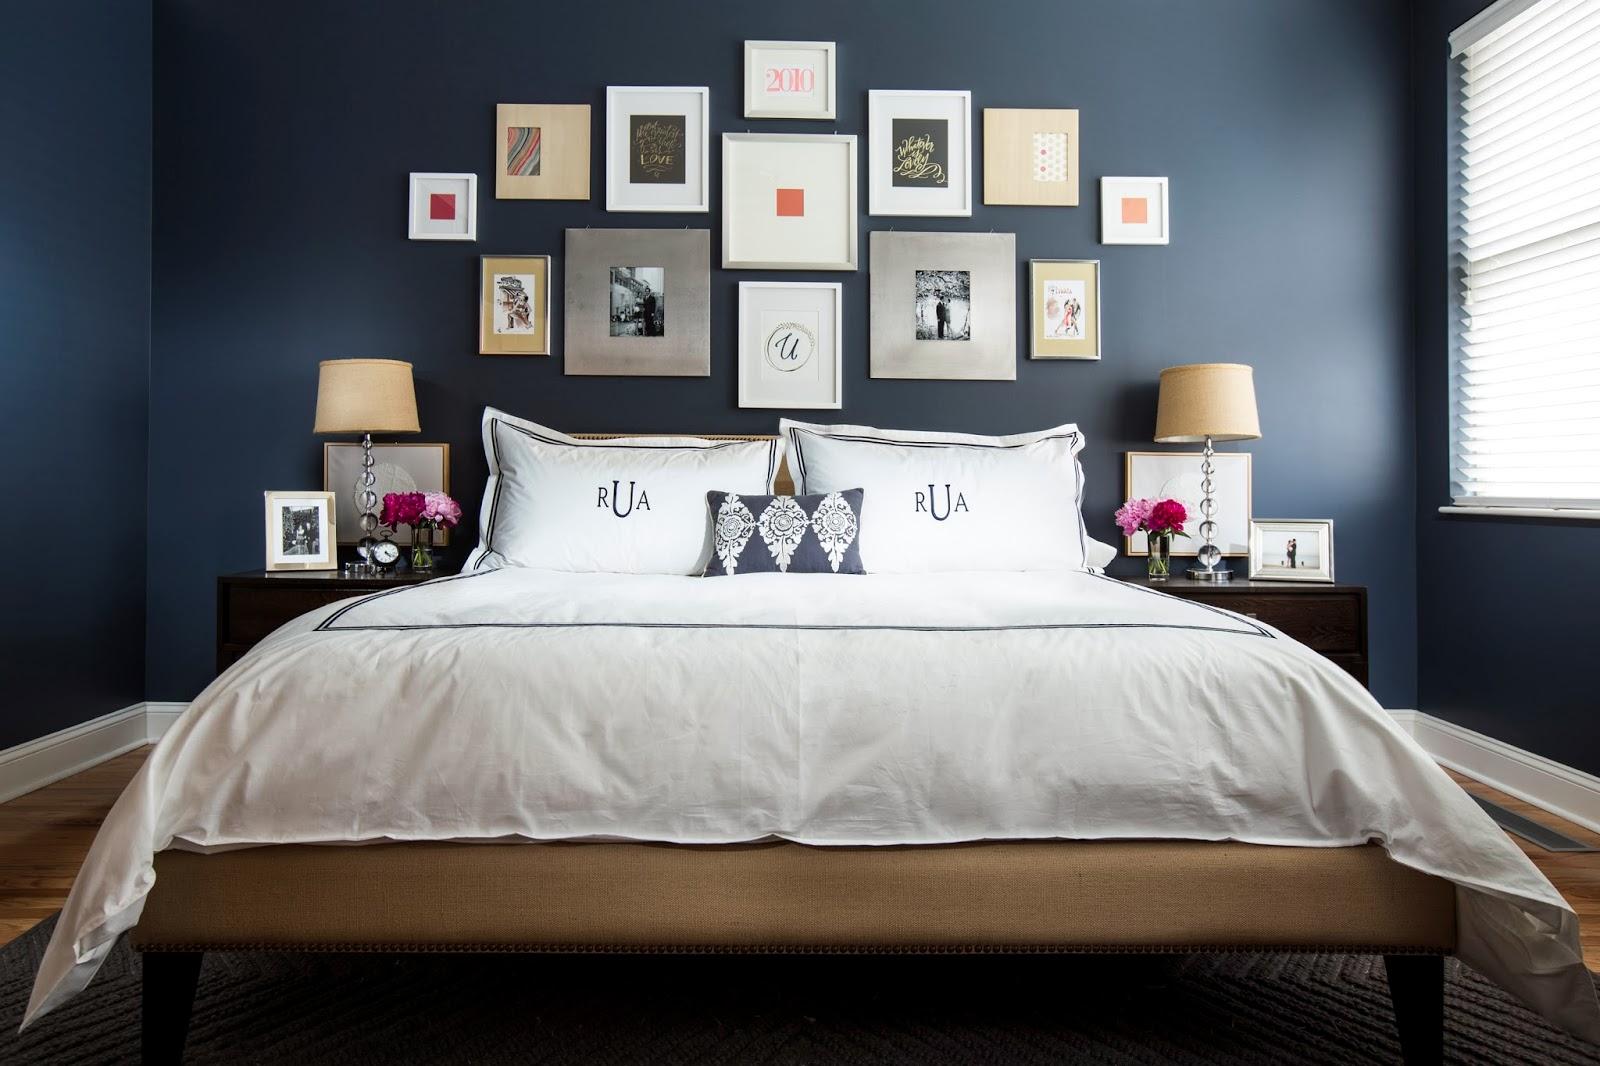 Декор над кроватью в спальне